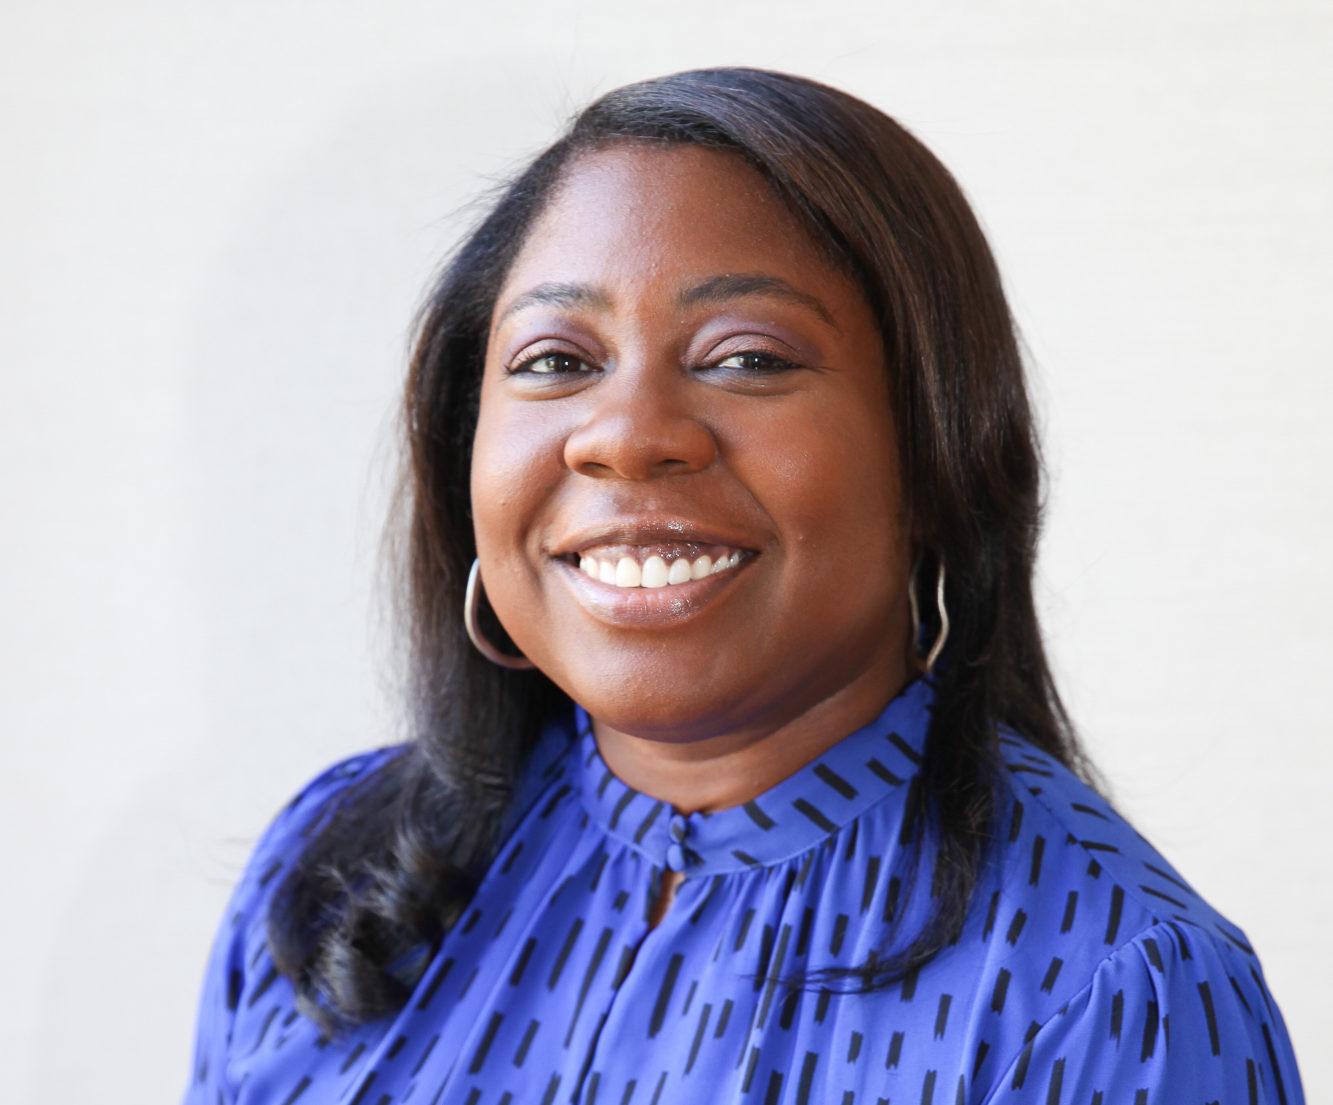 Marcia Wright-Soika